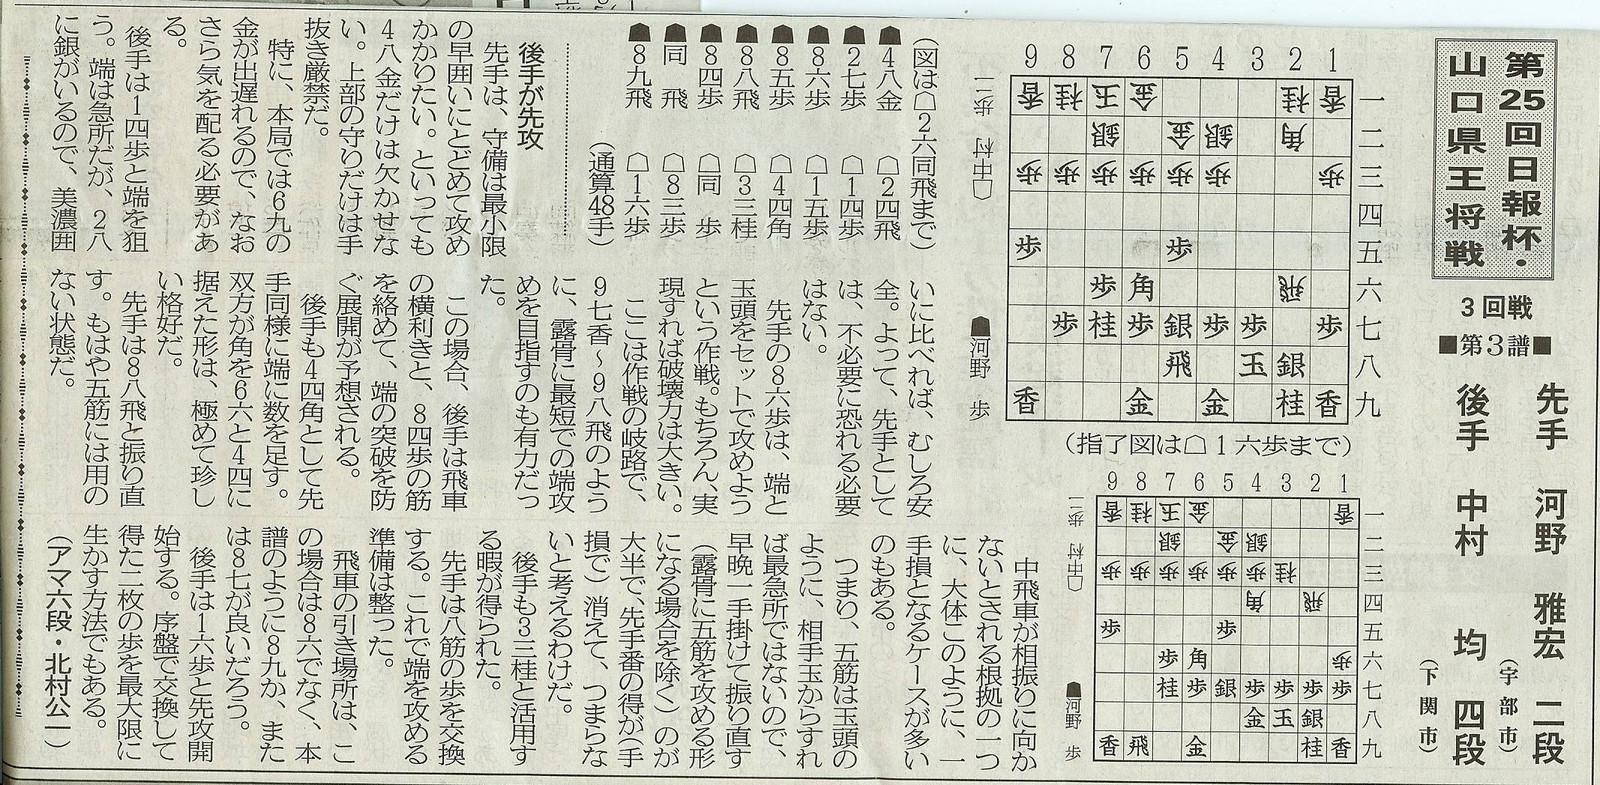 第25回日報杯・山口県王将戦第3回戦■第3譜■